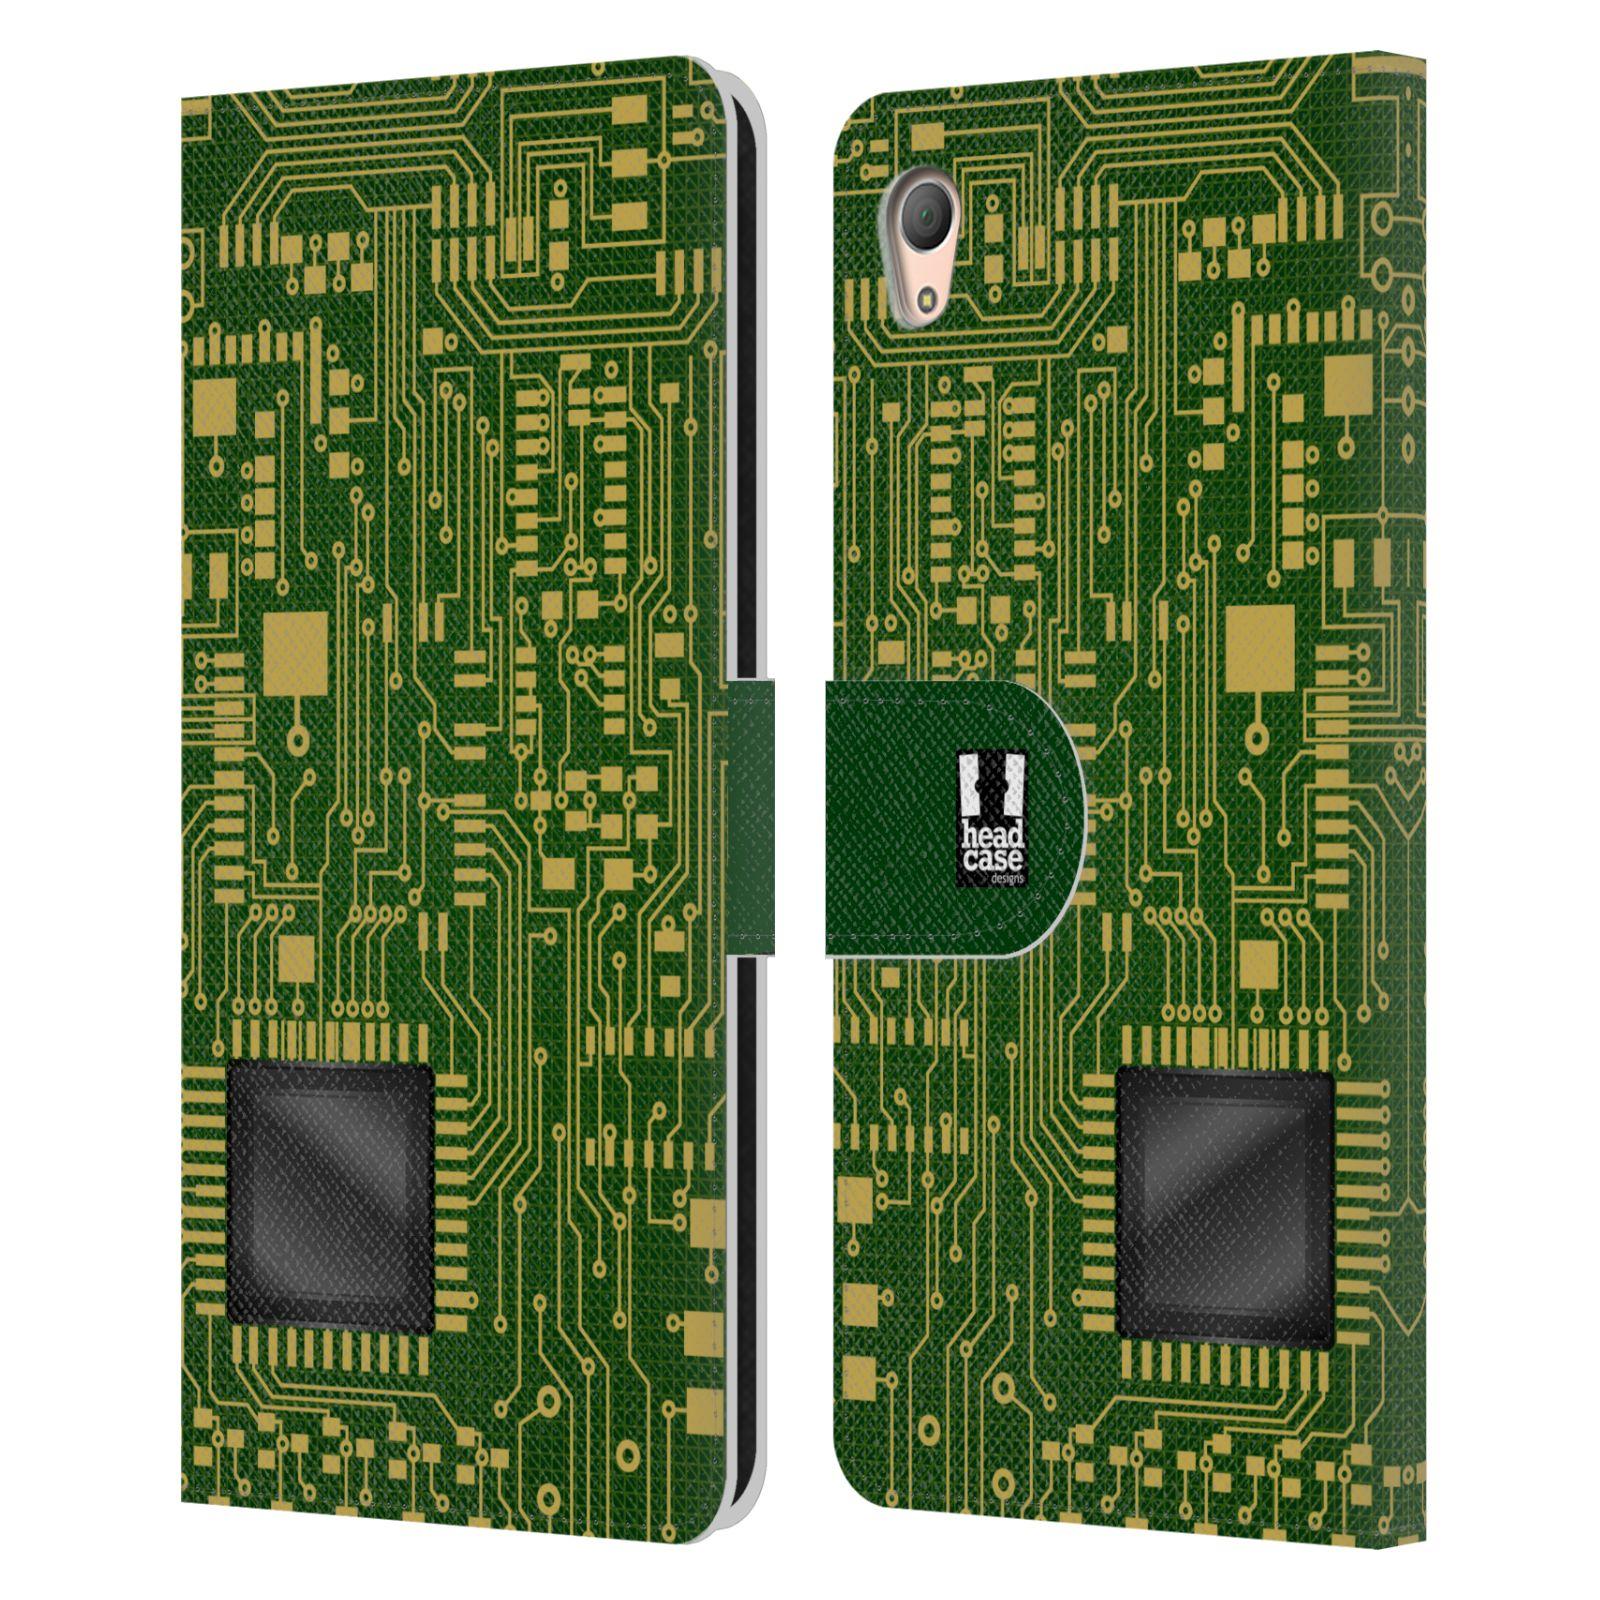 HEAD CASE Flipové pouzdro pro mobil SONY XPERIA Z3+ (PLUS) počítač základní deska zelená barva velký čip